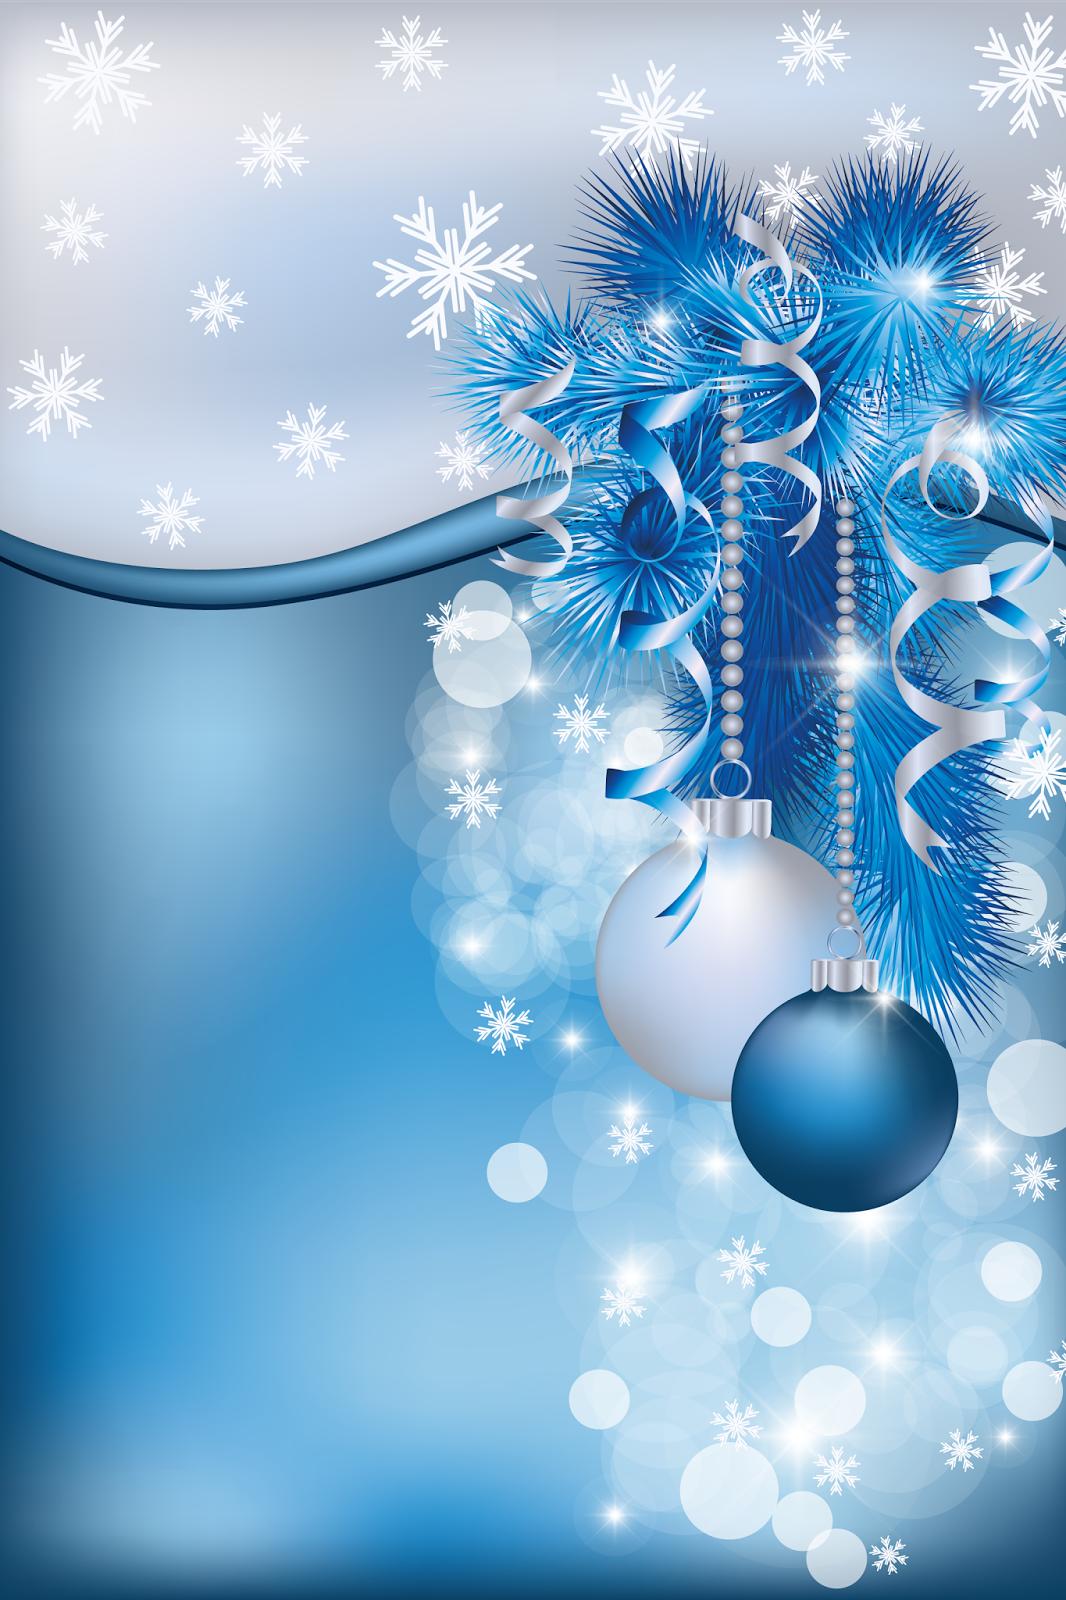 Fondos y postales de navidad fondos de pantalla y mucho m s - Dibujos para una postal de navidad ...